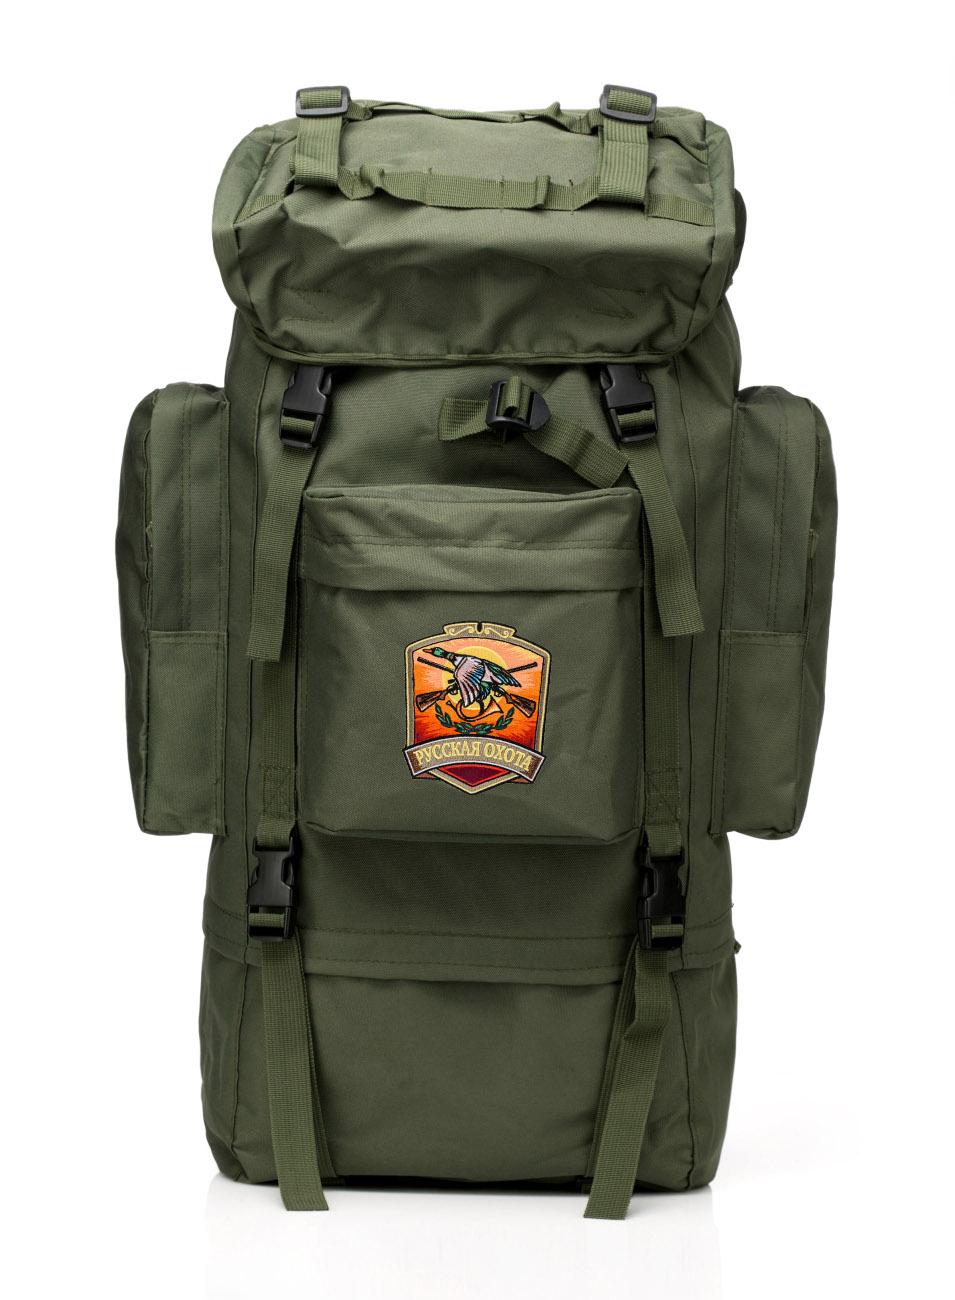 Вместительный надежный рюкзак с в нашивкой Русская Охота - купить по низкой цене